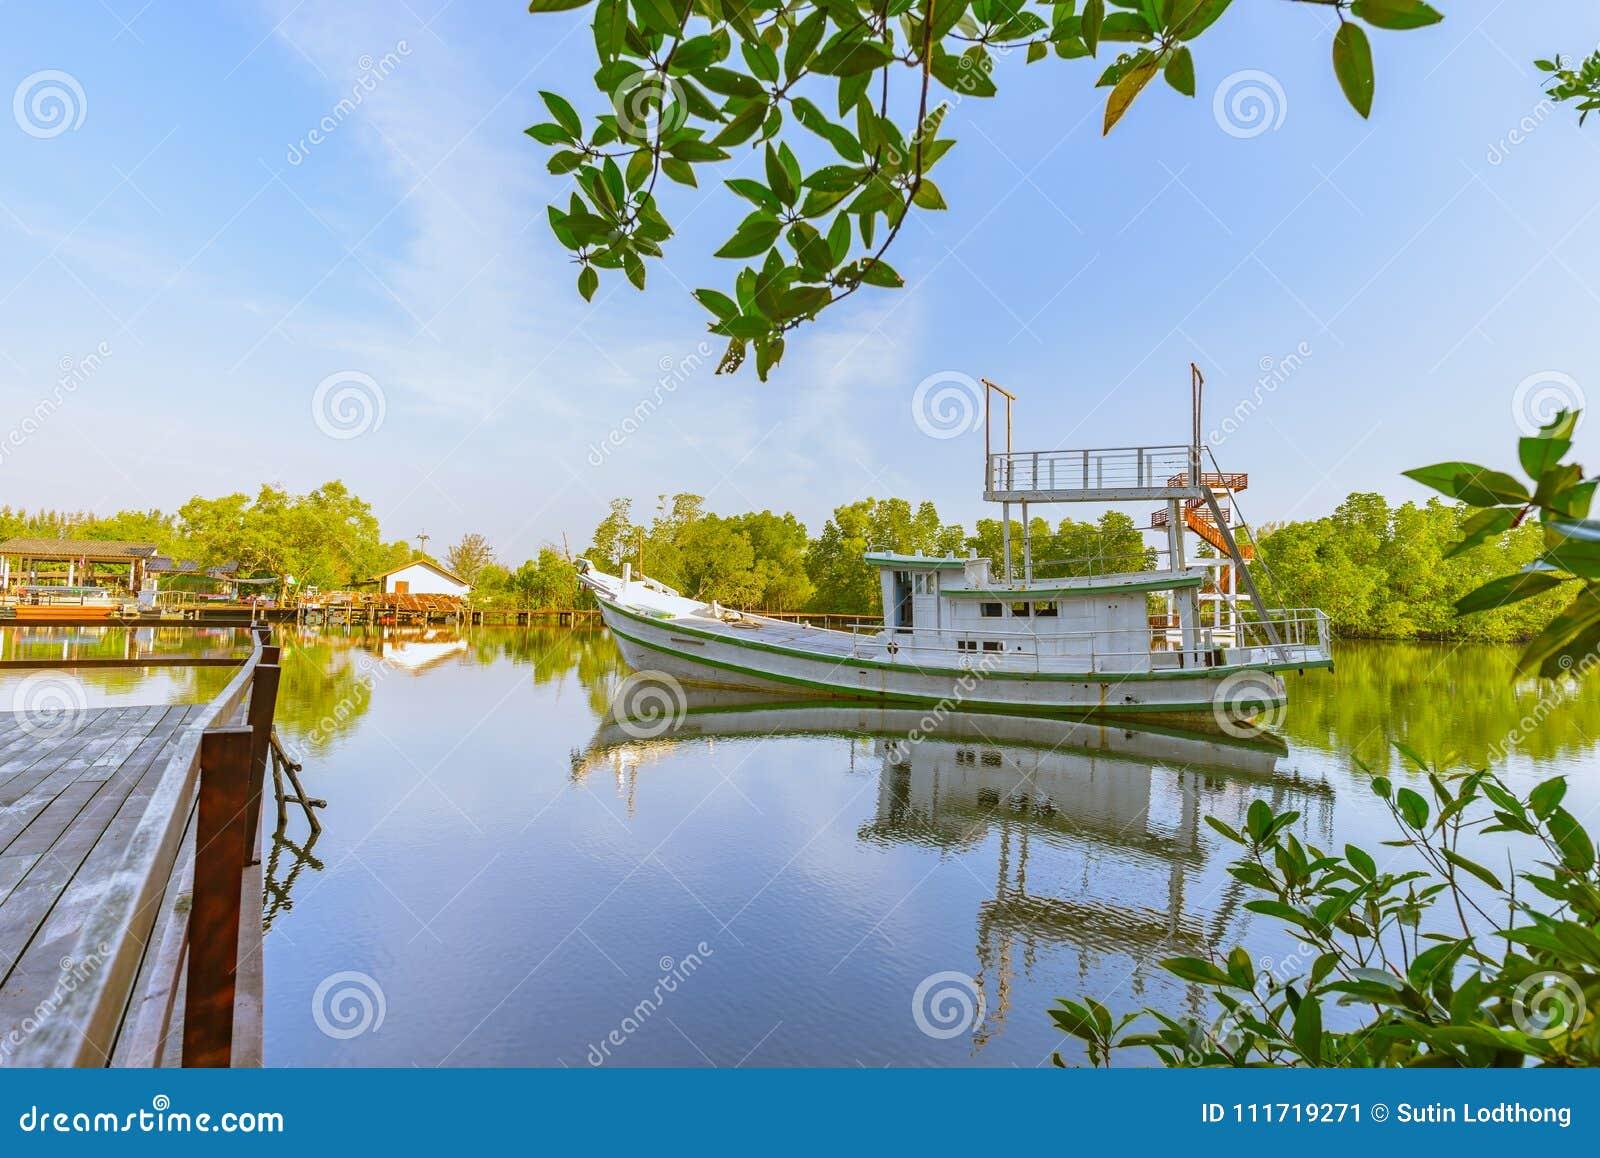 Das Boot auf dem Wasser